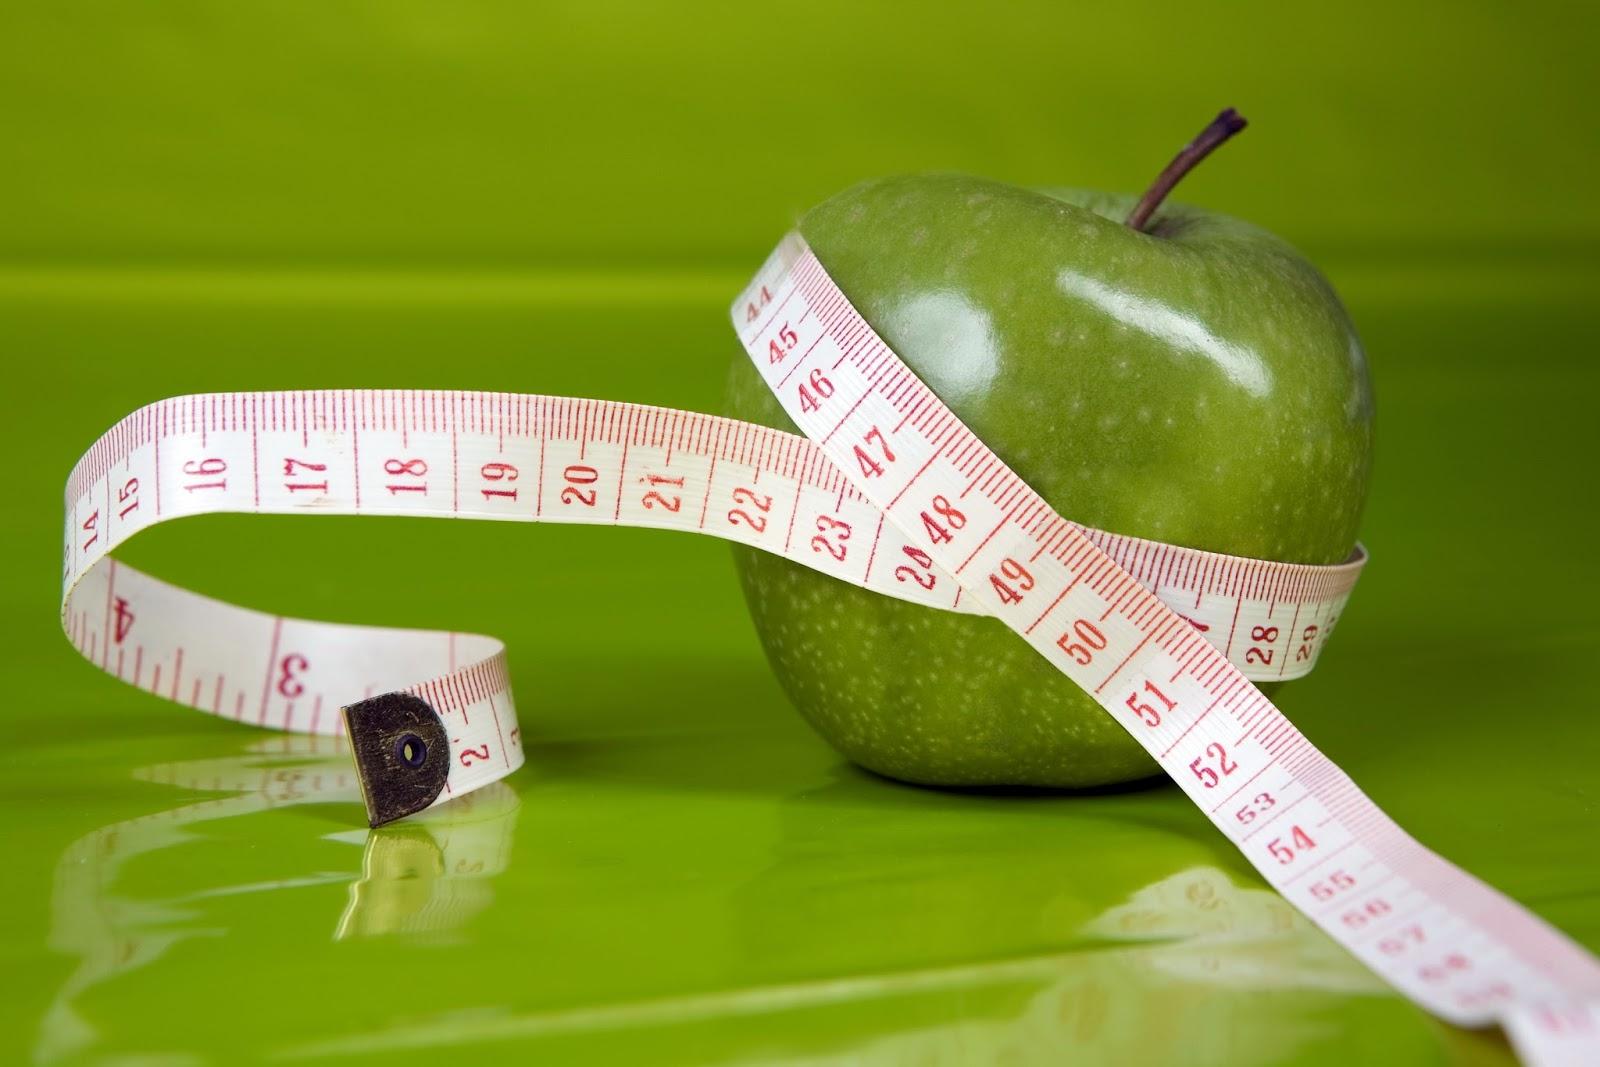 trucos-adelgazar-despues-verano-perder-peso